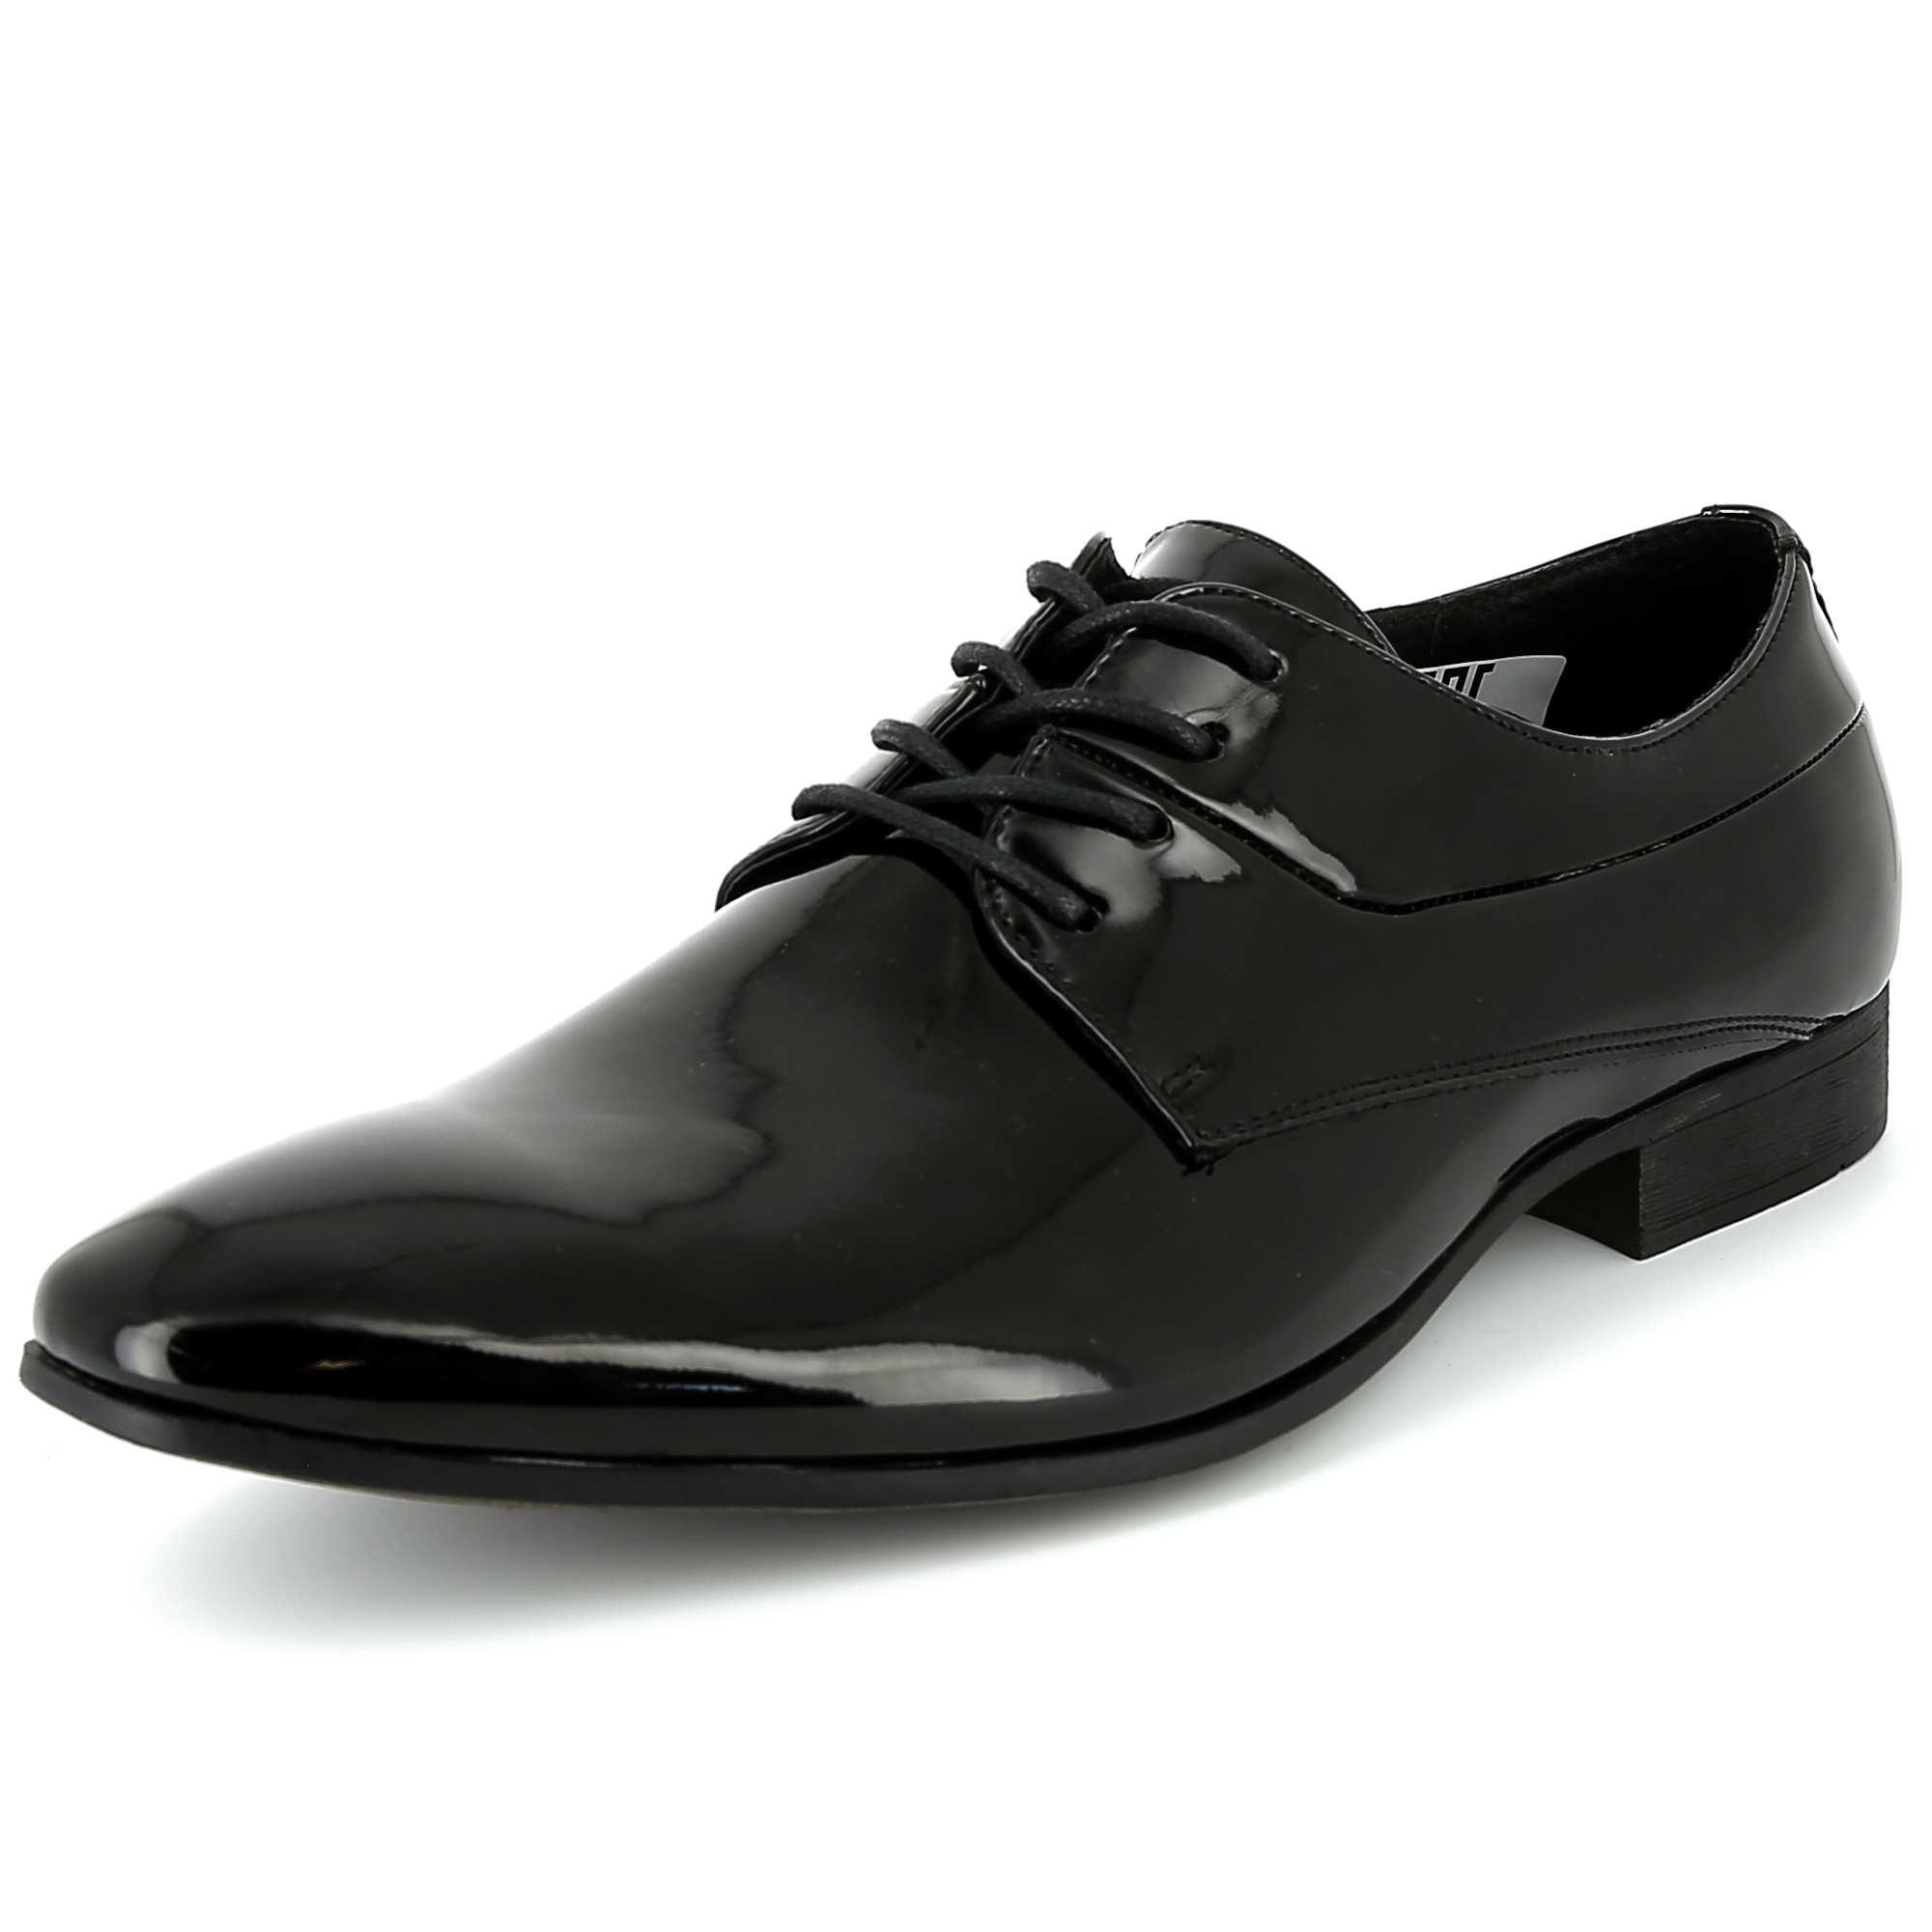 Los zapatos de charol hombre se hicieron muy famosos en los años 40 o 50 más o menos, cuando los utilizaban personajes de películas en blanco y negro. Esos personajes eran los gangsters o los héroes de los filmes, pero, posteriormente, esta moda se impuso entre los hombres del buen vestir y a quienes les encantaba destacar entre los demás.